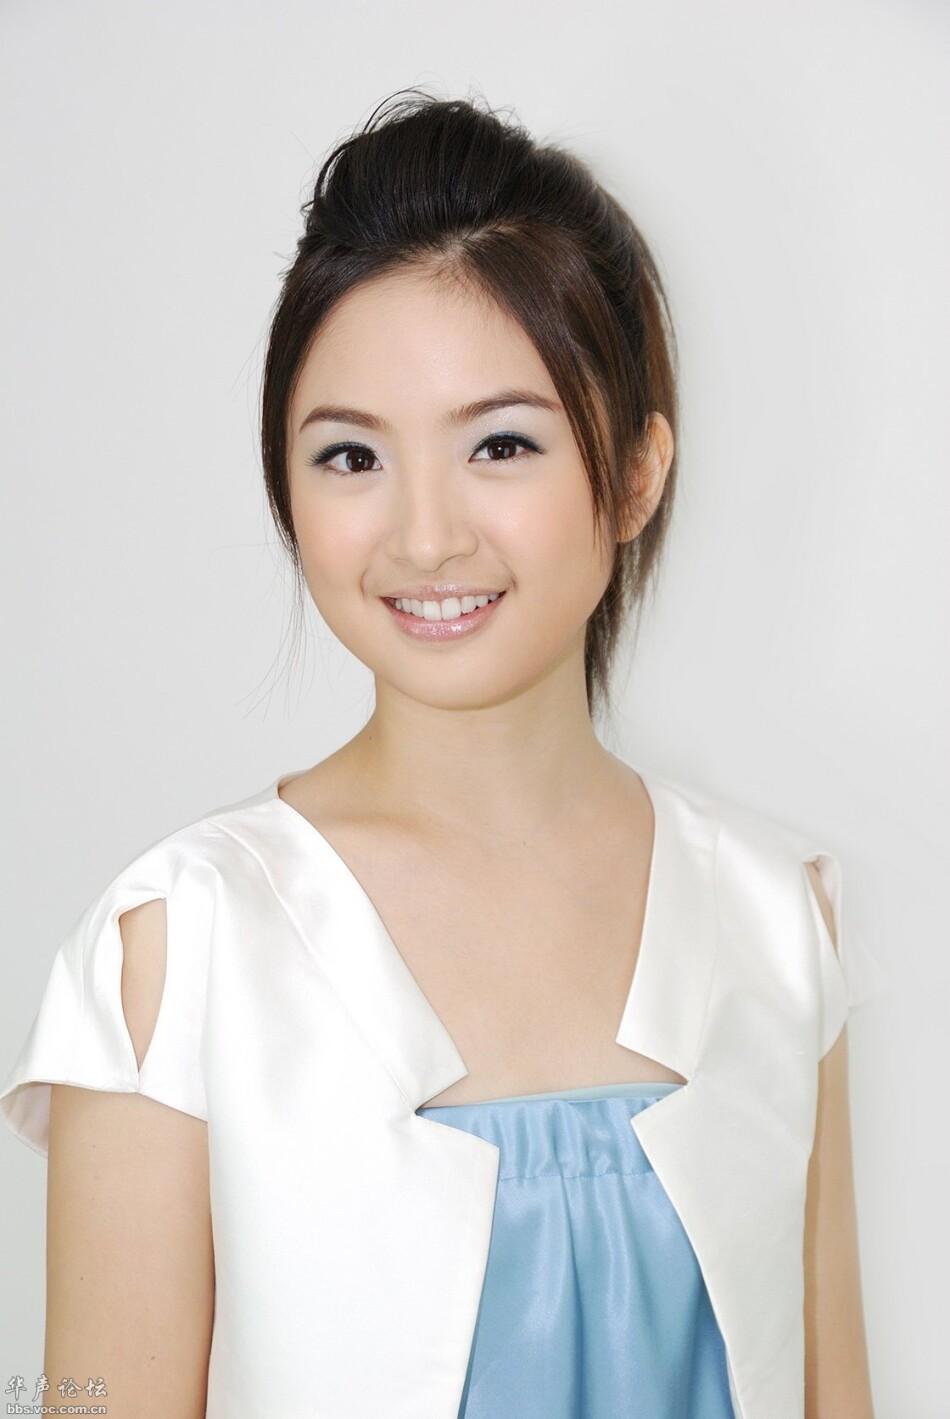 林依晨,台湾著名偶像剧演员----高清大图